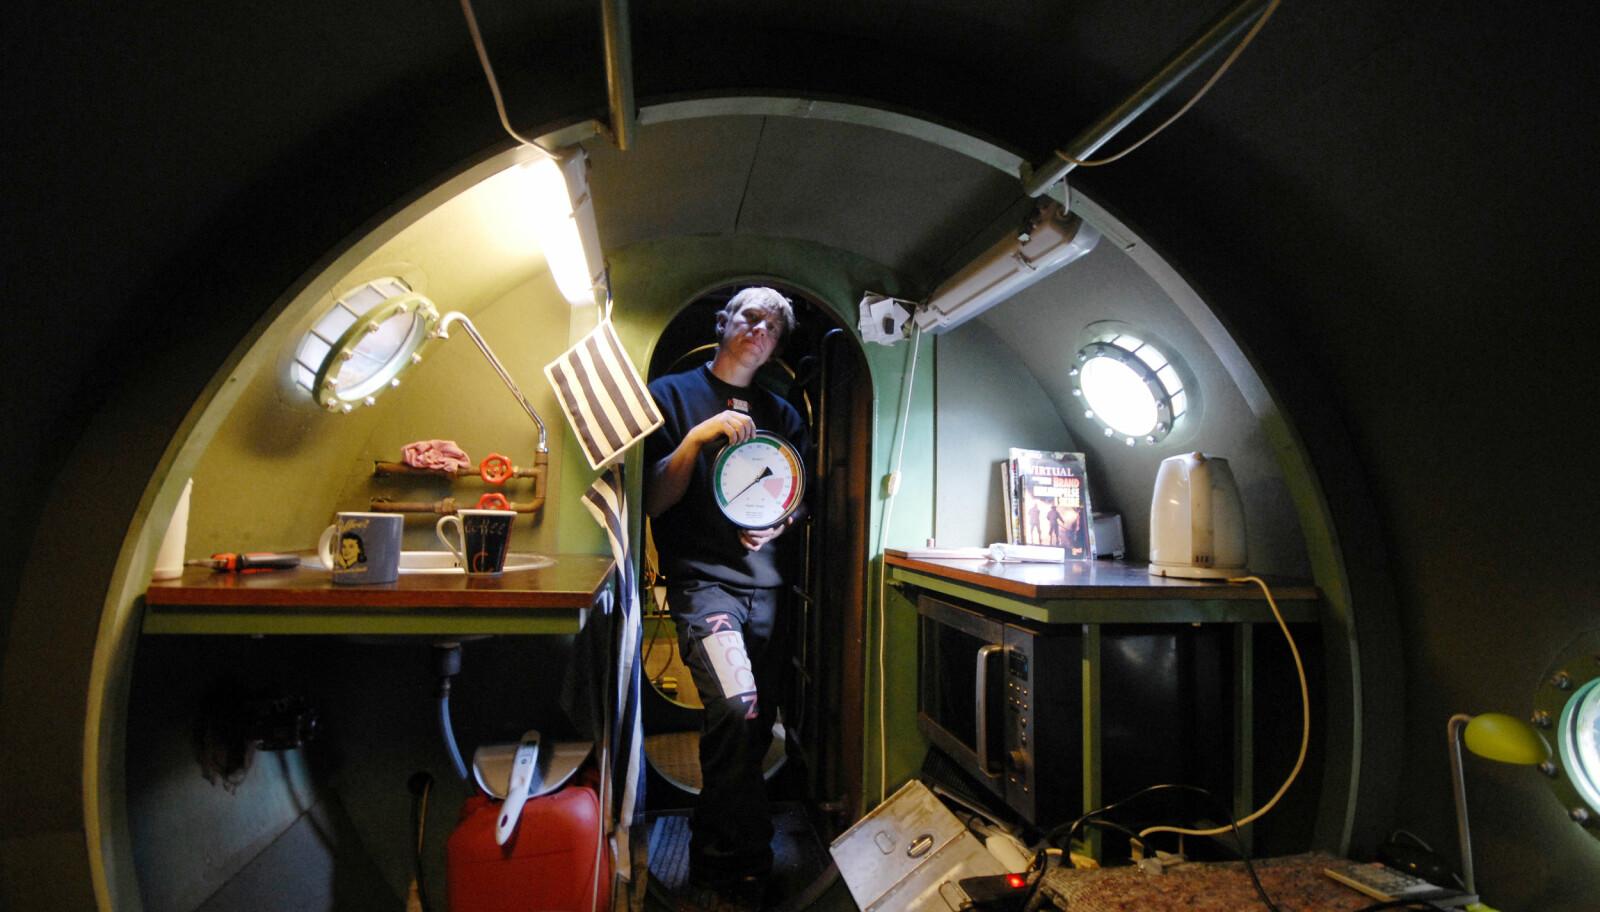 <b>ÅSTEDET:</b> Oppfinneren Peter Madsen holder dybdemåleren om bord i den hjemmebygde ubåten «Nautilus» som han hadde innredet til bolig. Det var her den svenske journalisten Kim Wall senere ble drept og partert.